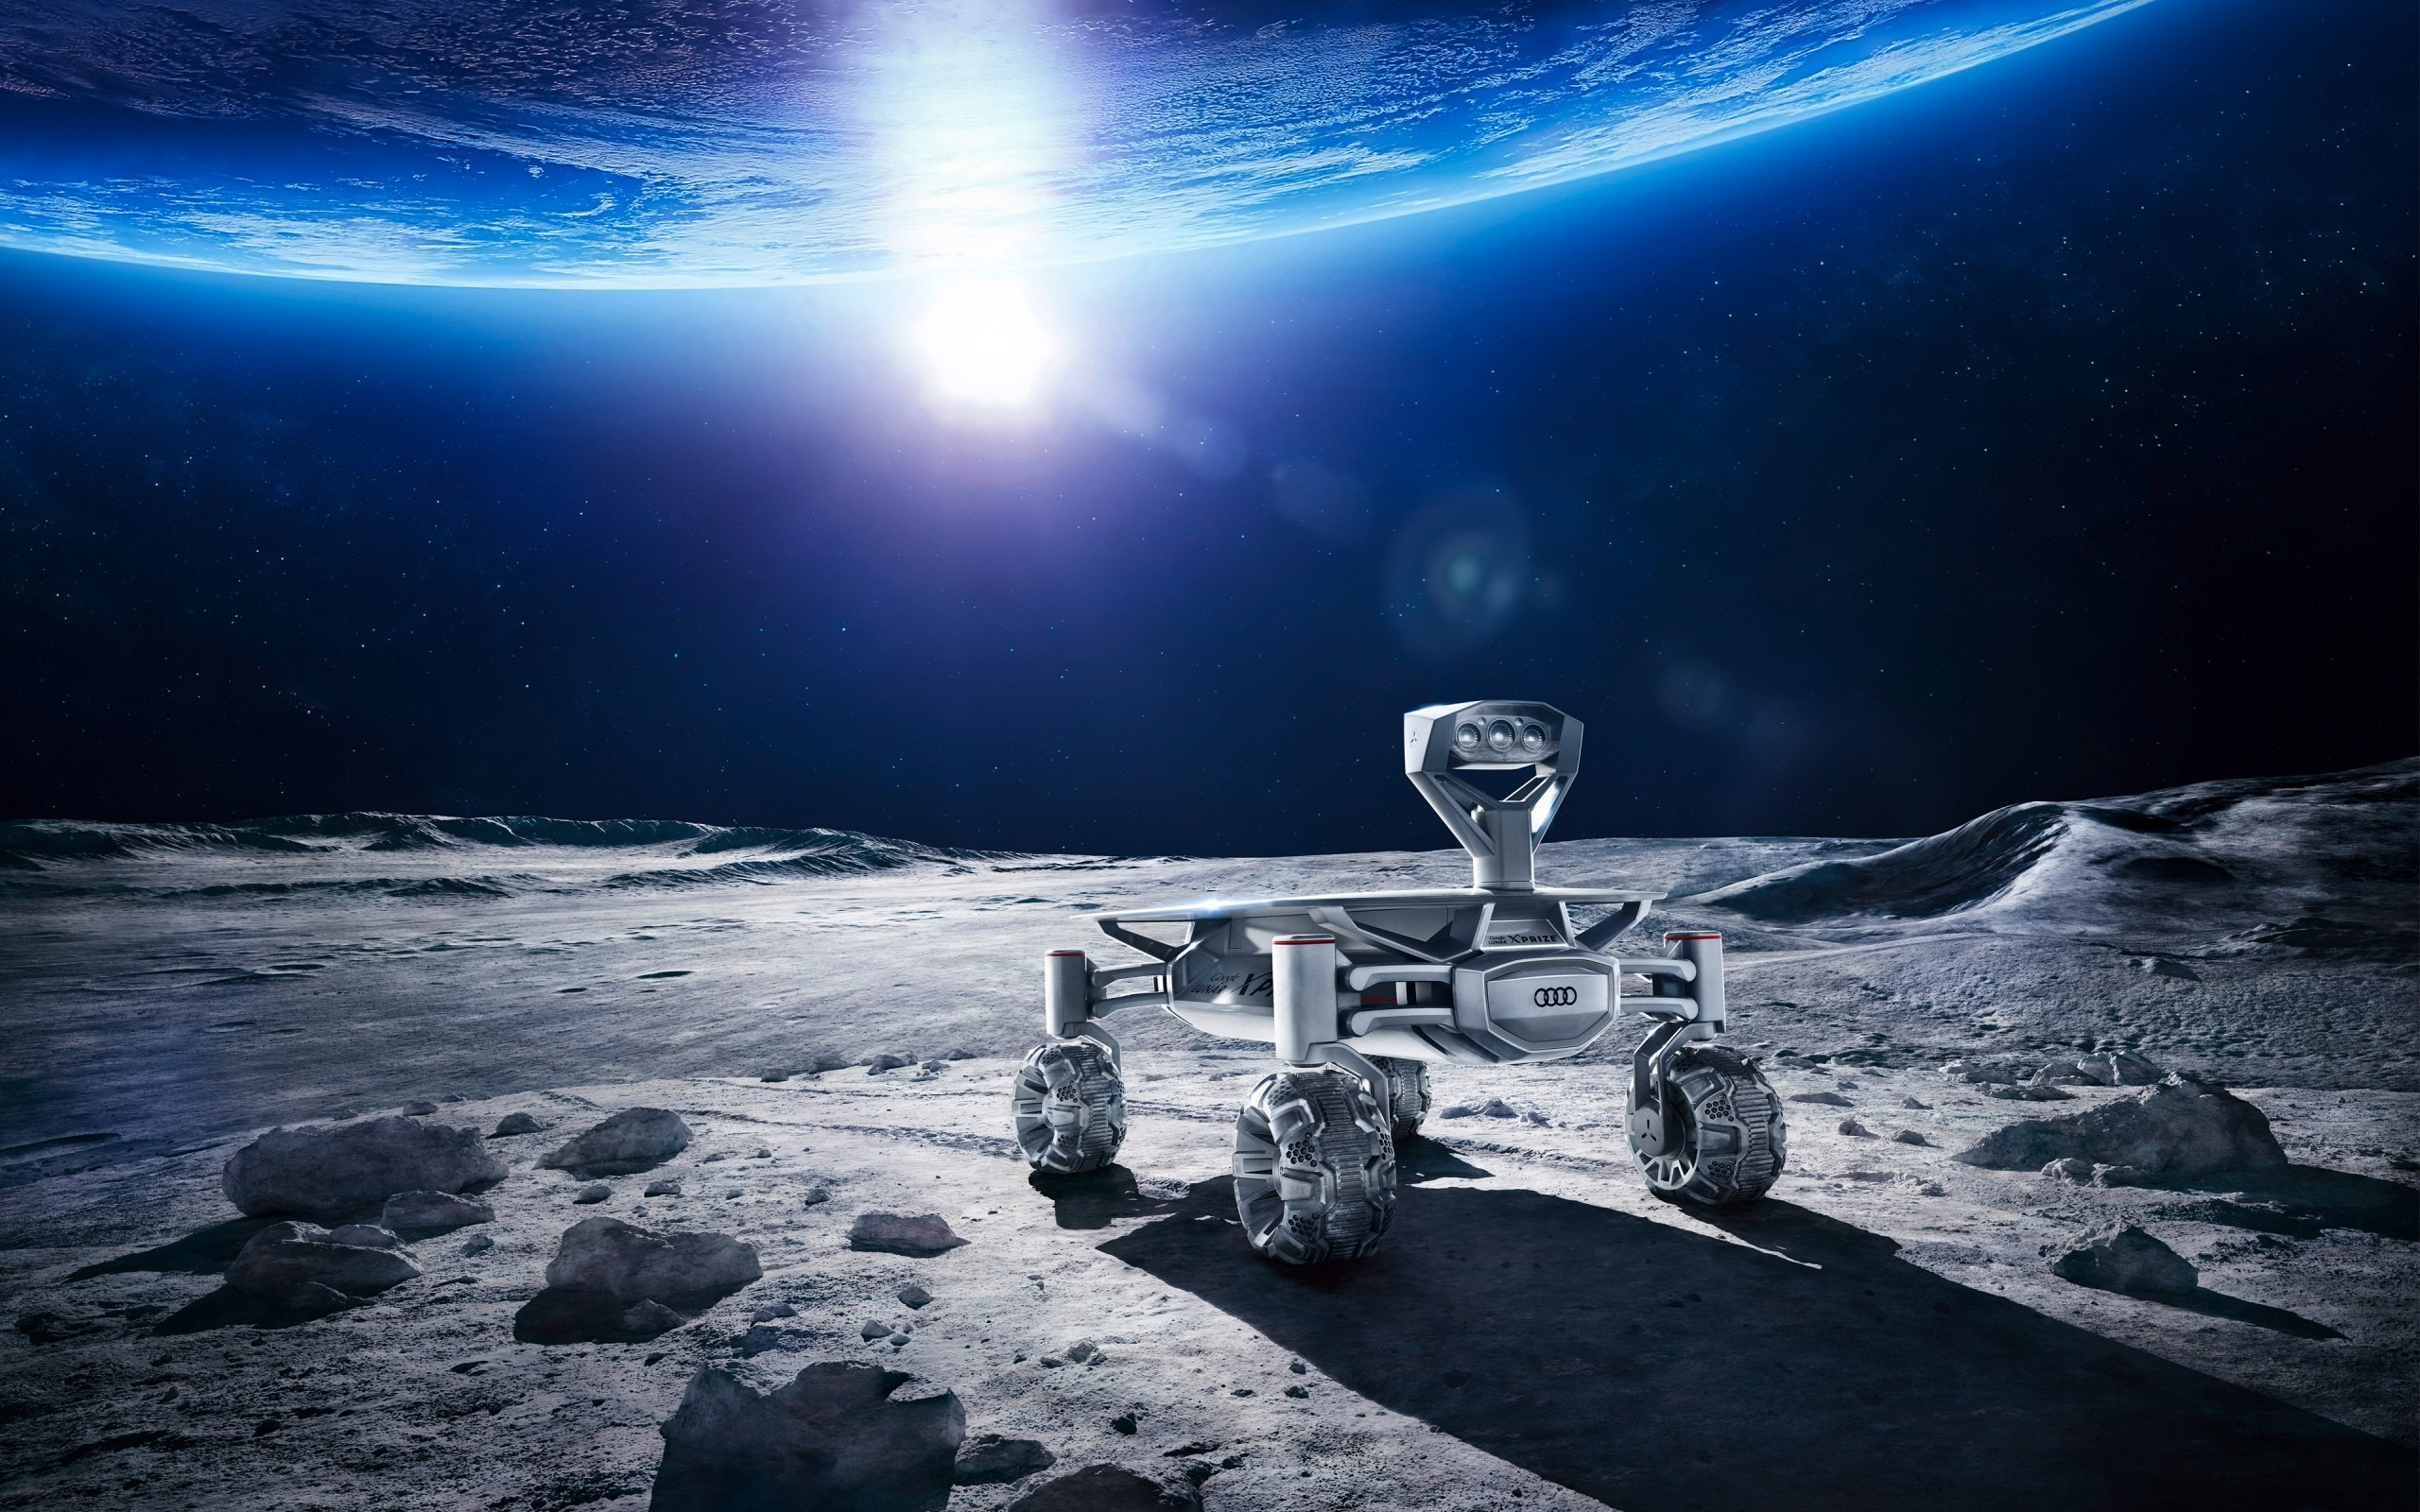 奧迪月球車hd 宇宙高清壁紙預覽 10wallpaper Com